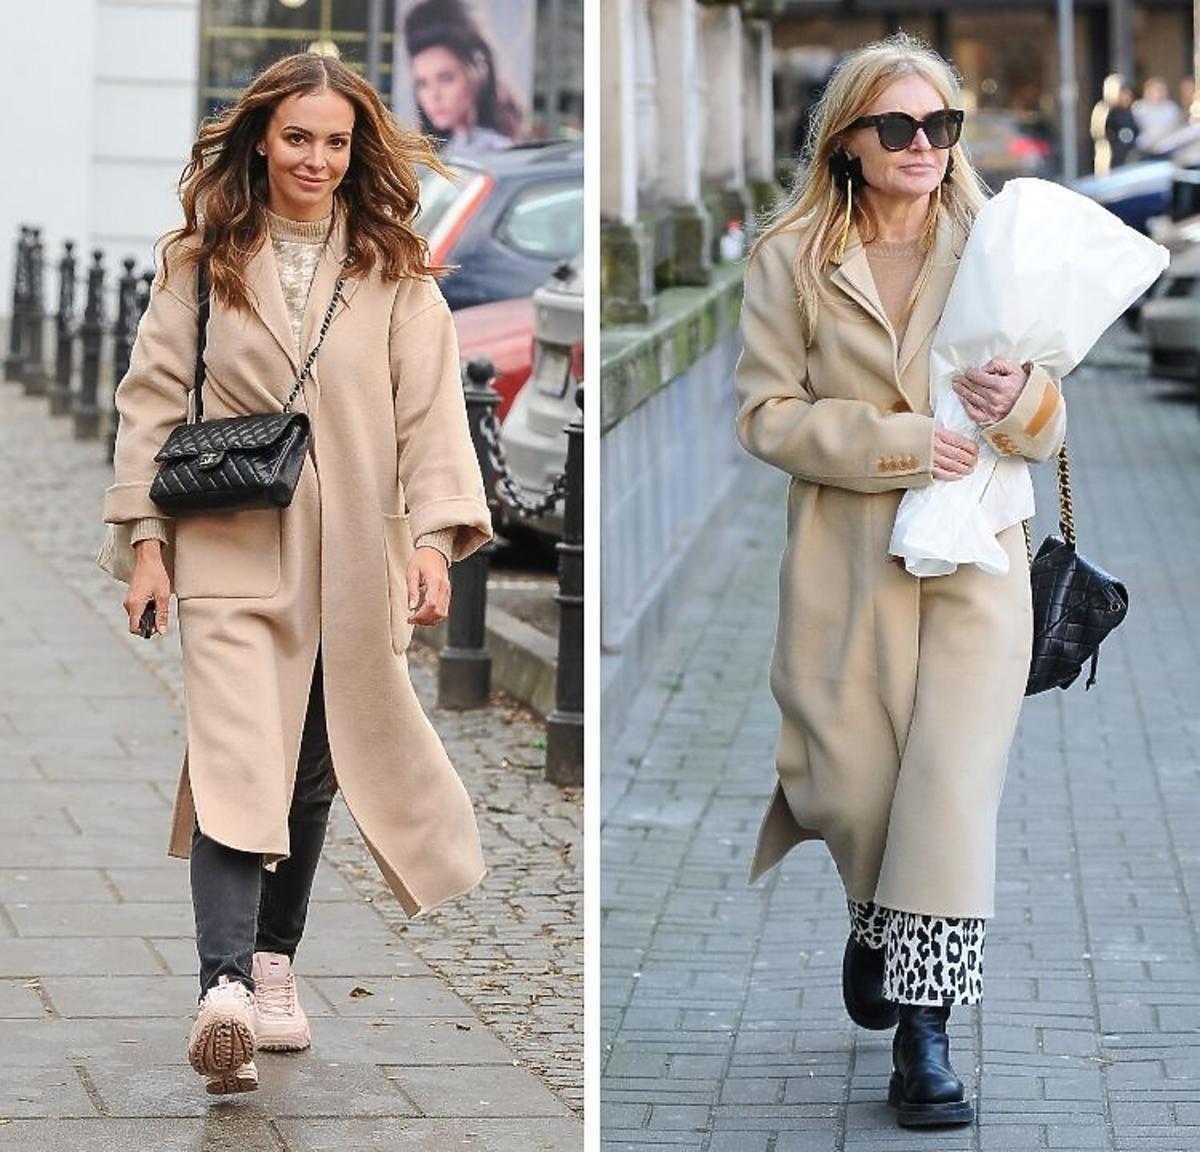 Trend sezonu 2020 Ania Wędzikowska i Monika Olejnik w beżowych płaszczach